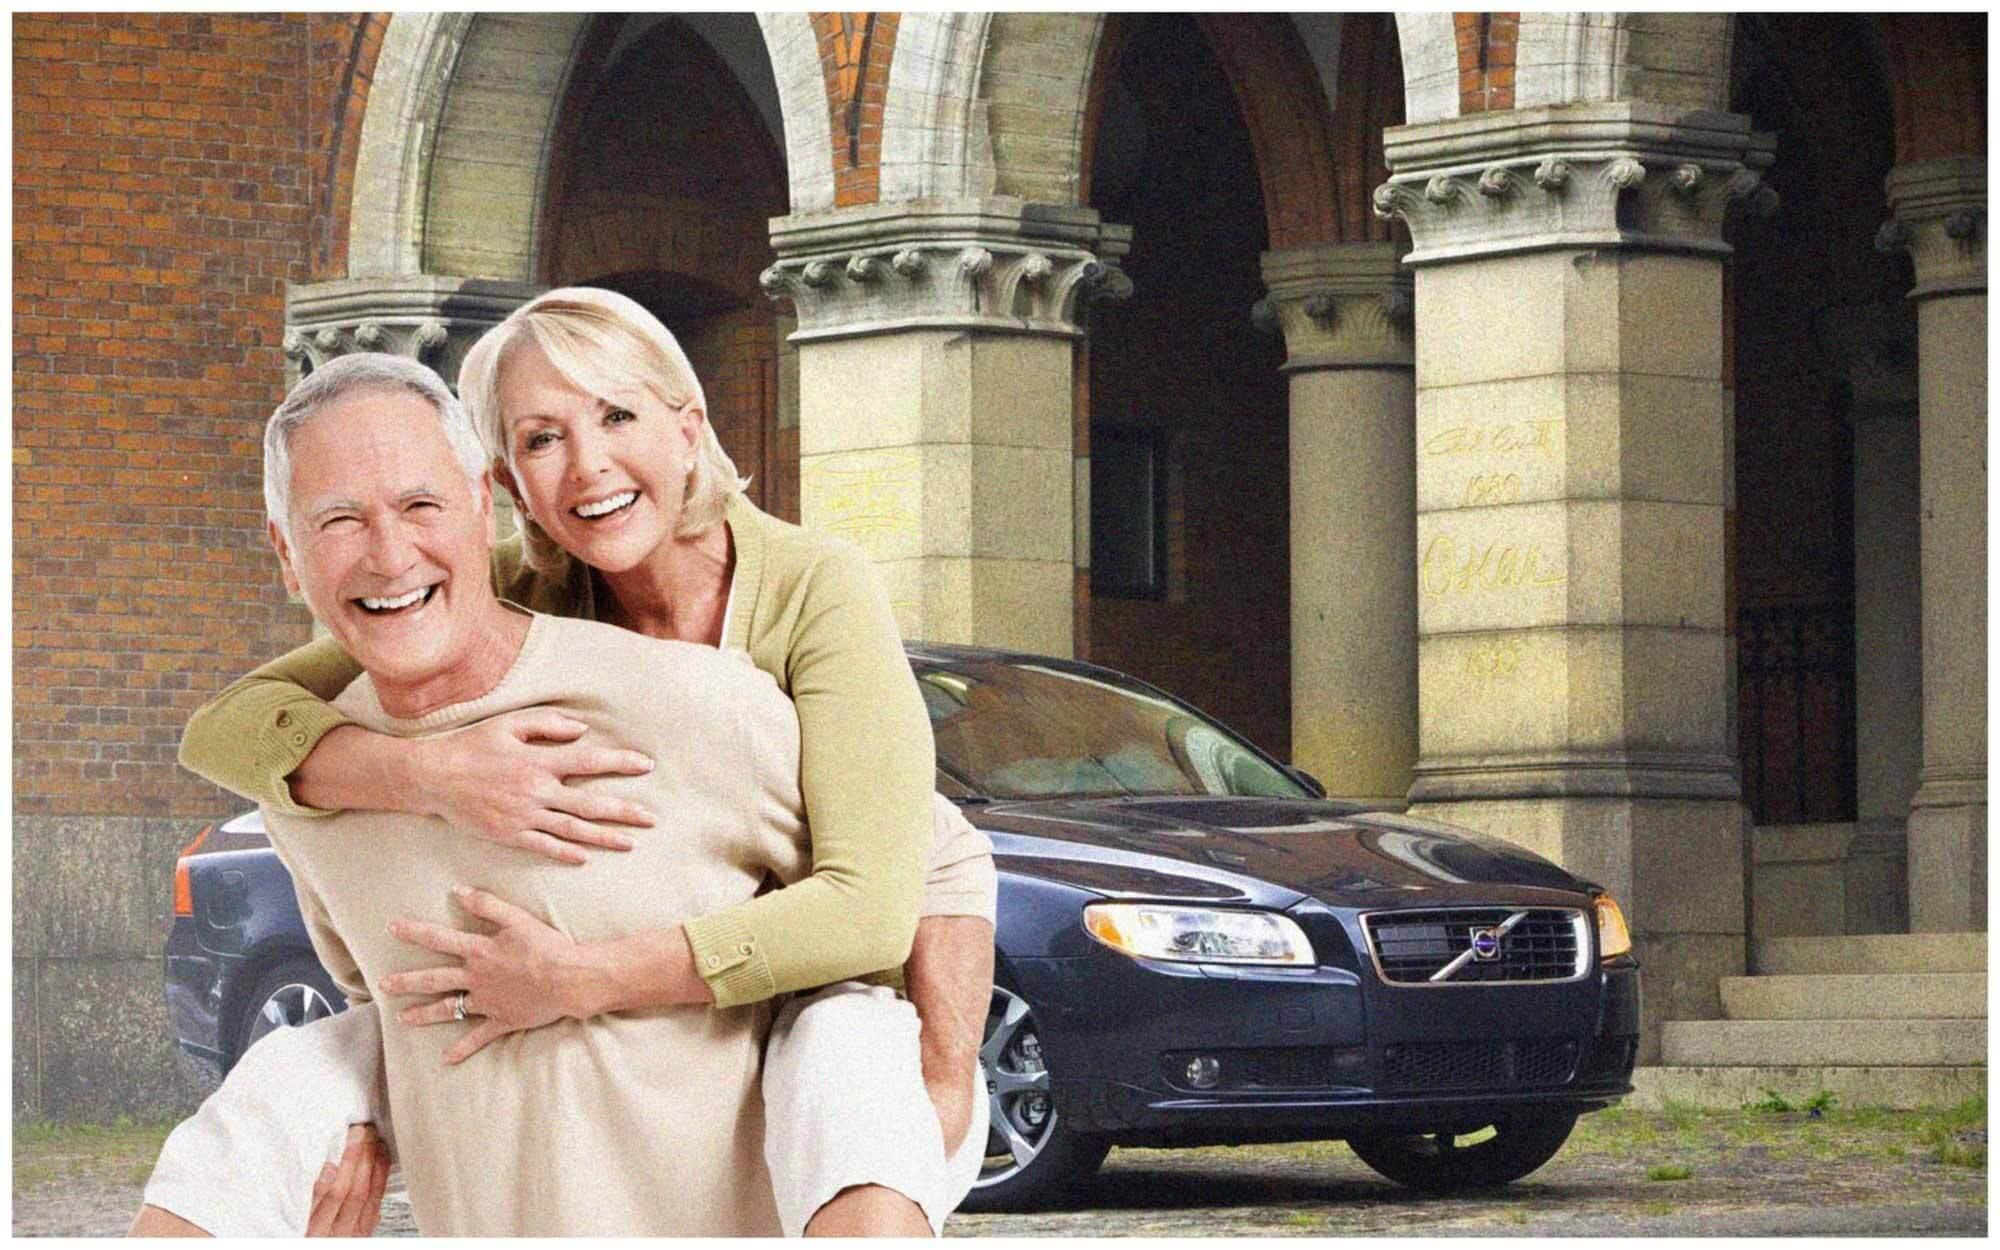 Volvo S80 может стать лучшим вариантом для пожилых людей